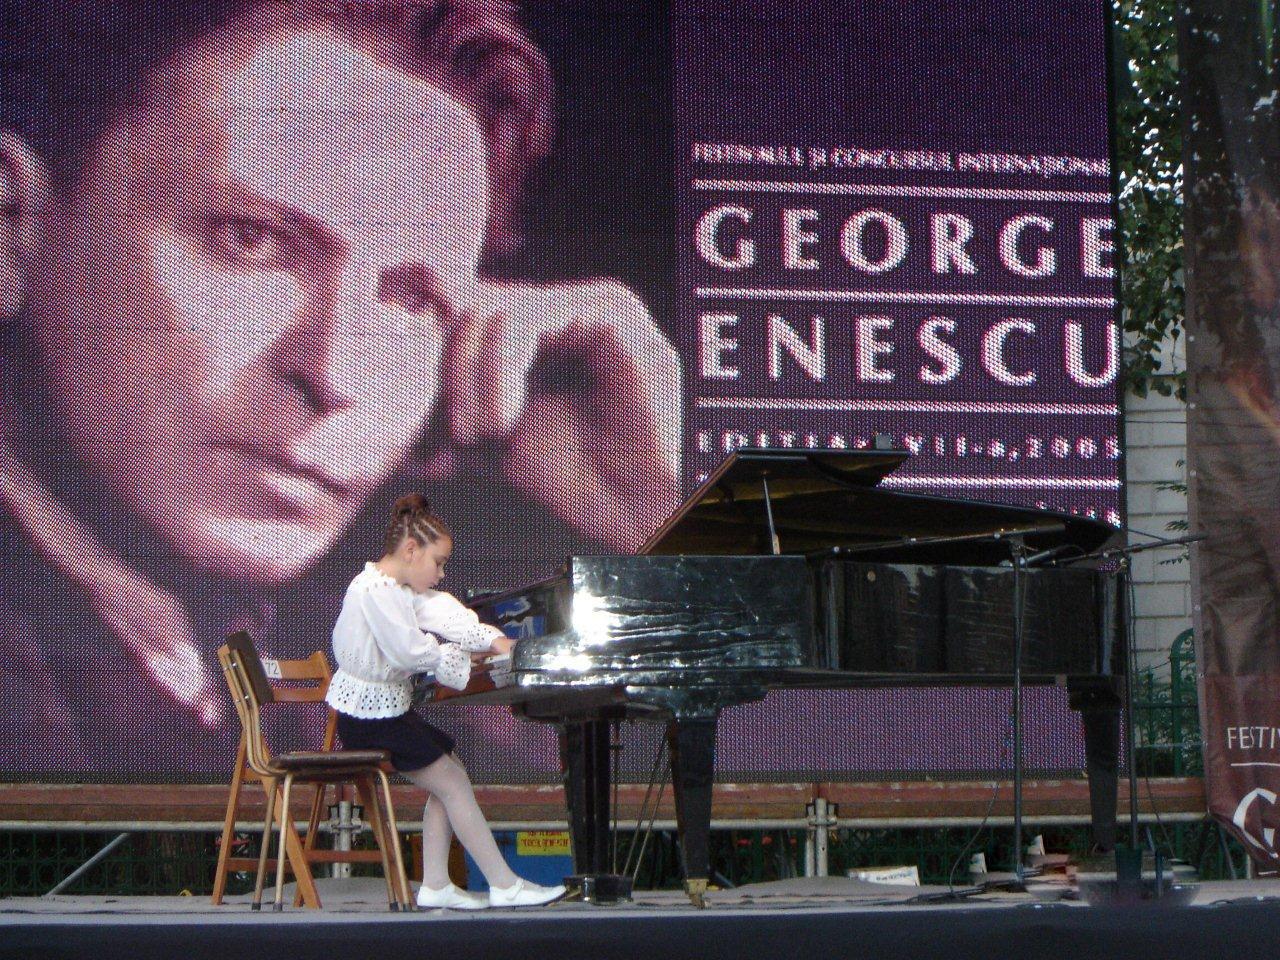 Piaţa Festivalului George Enescu, 2005